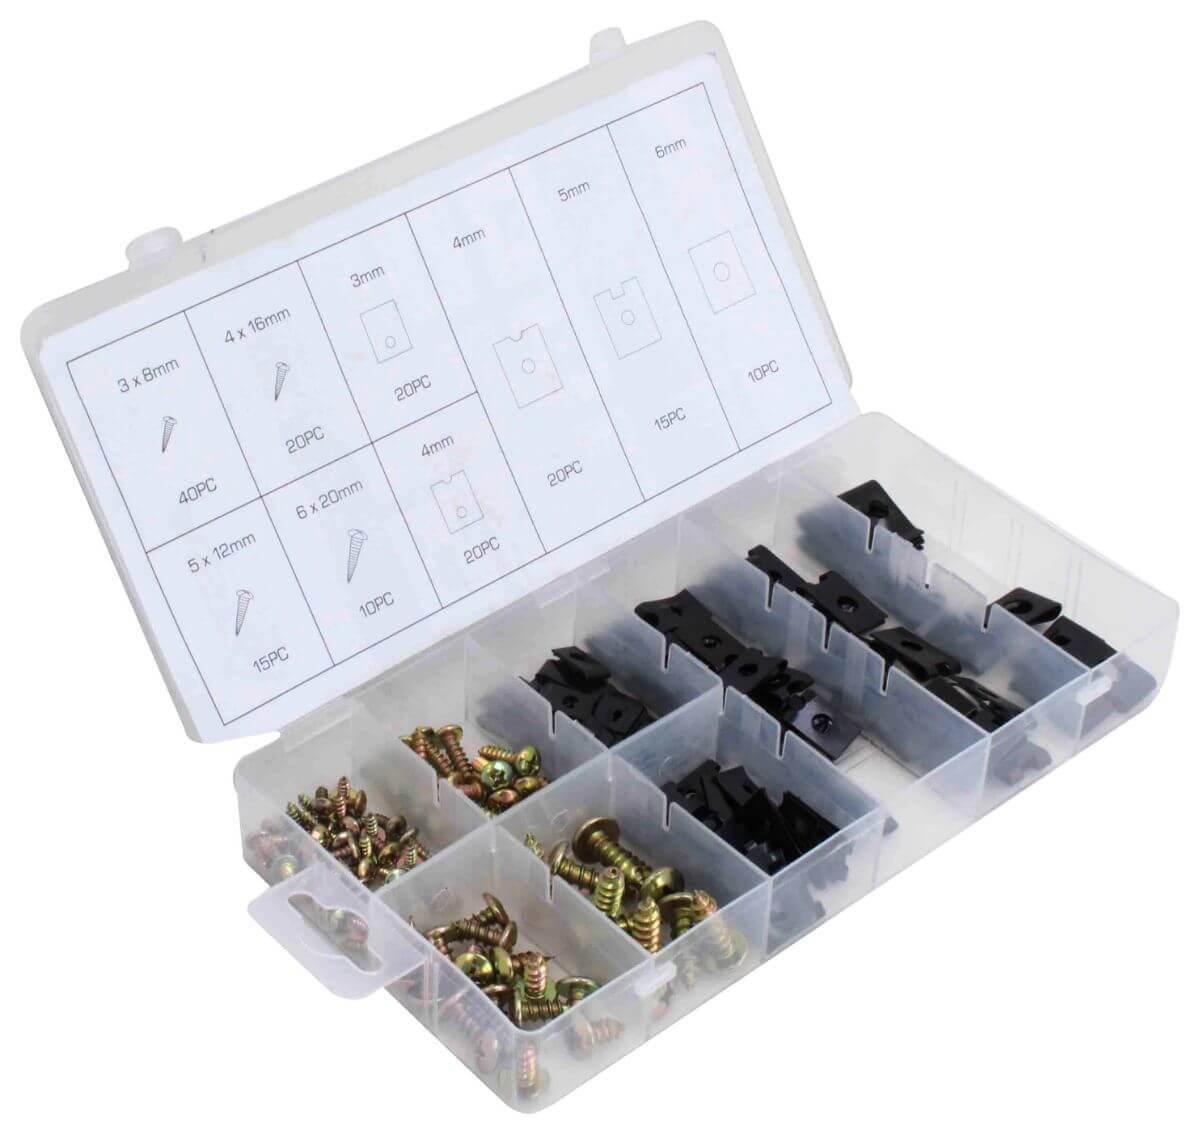 Samořezné šrouby a pružné matice pro karosérie, různé rozměry, sada 170 ks - ASTA